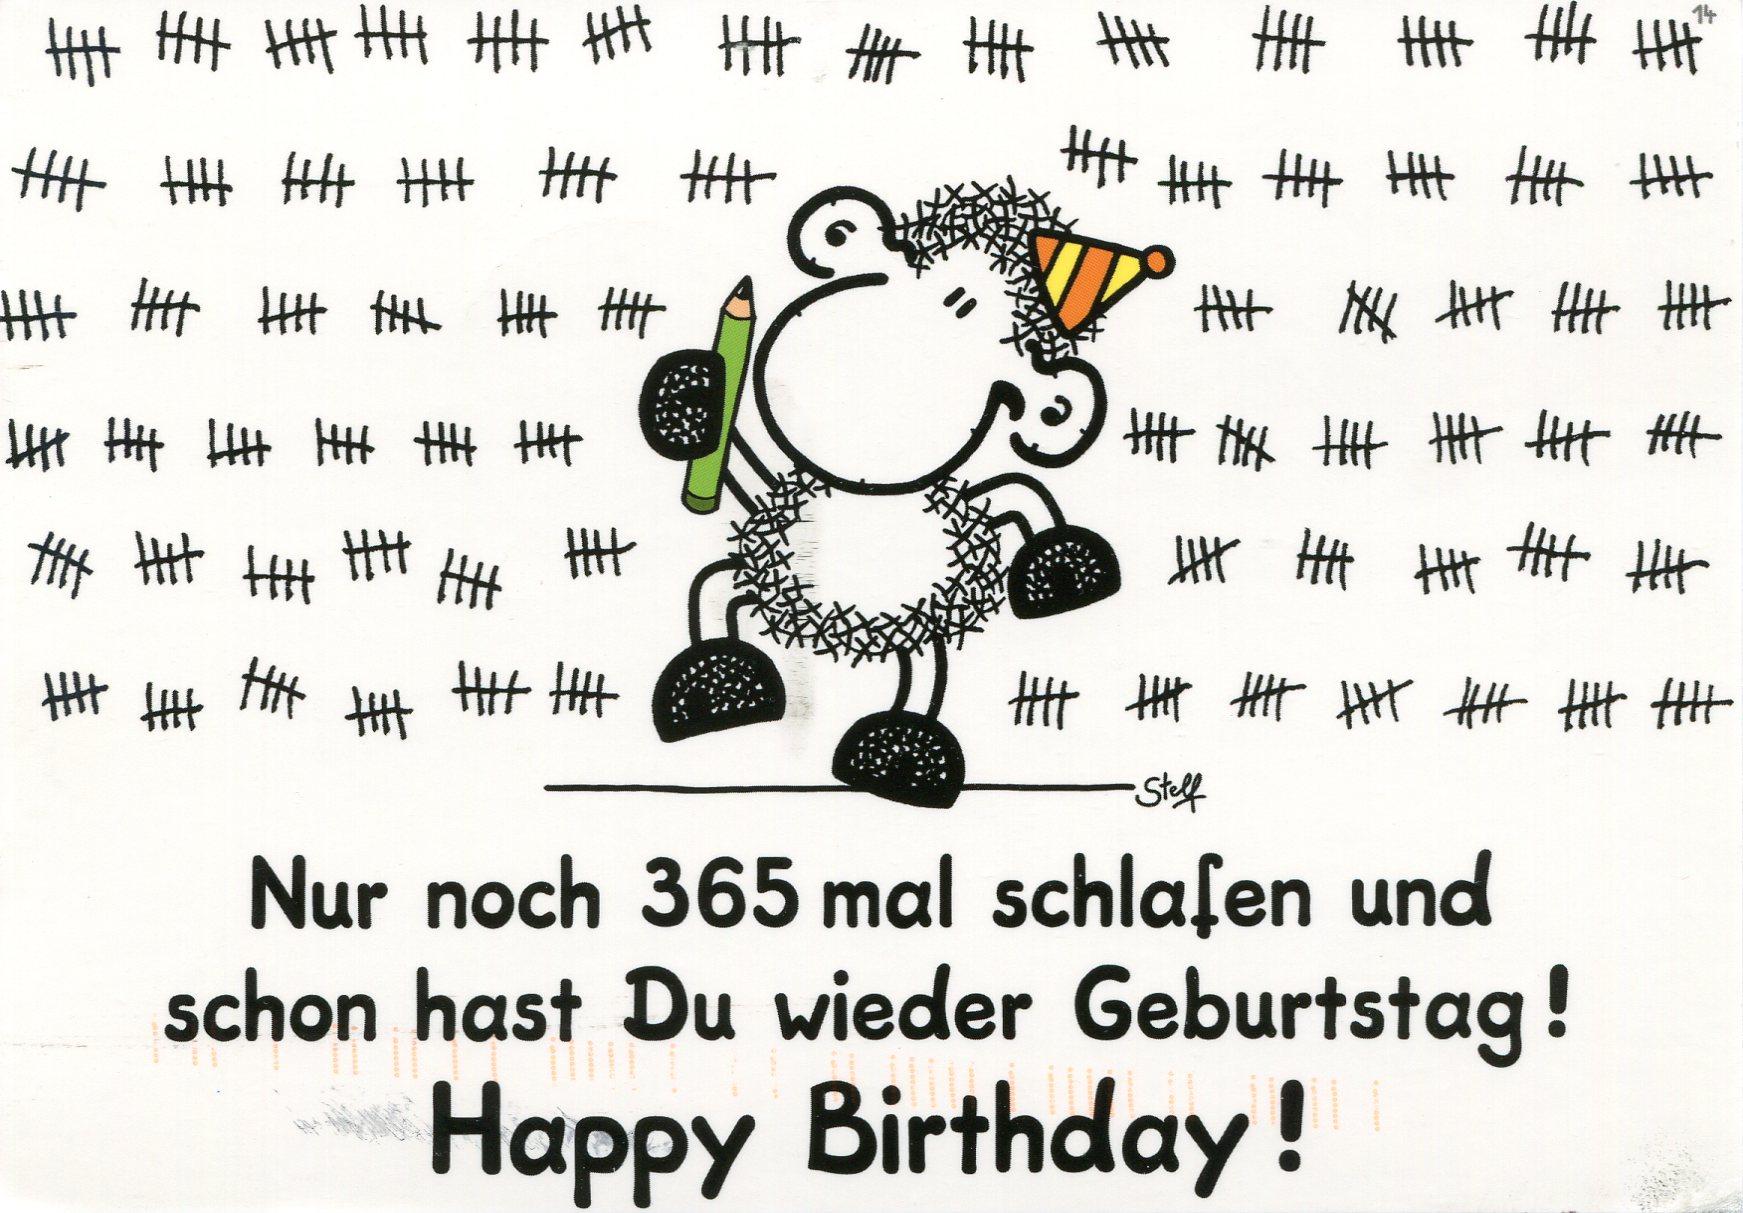 Картинка поздравление с днем рождения на немецком 71